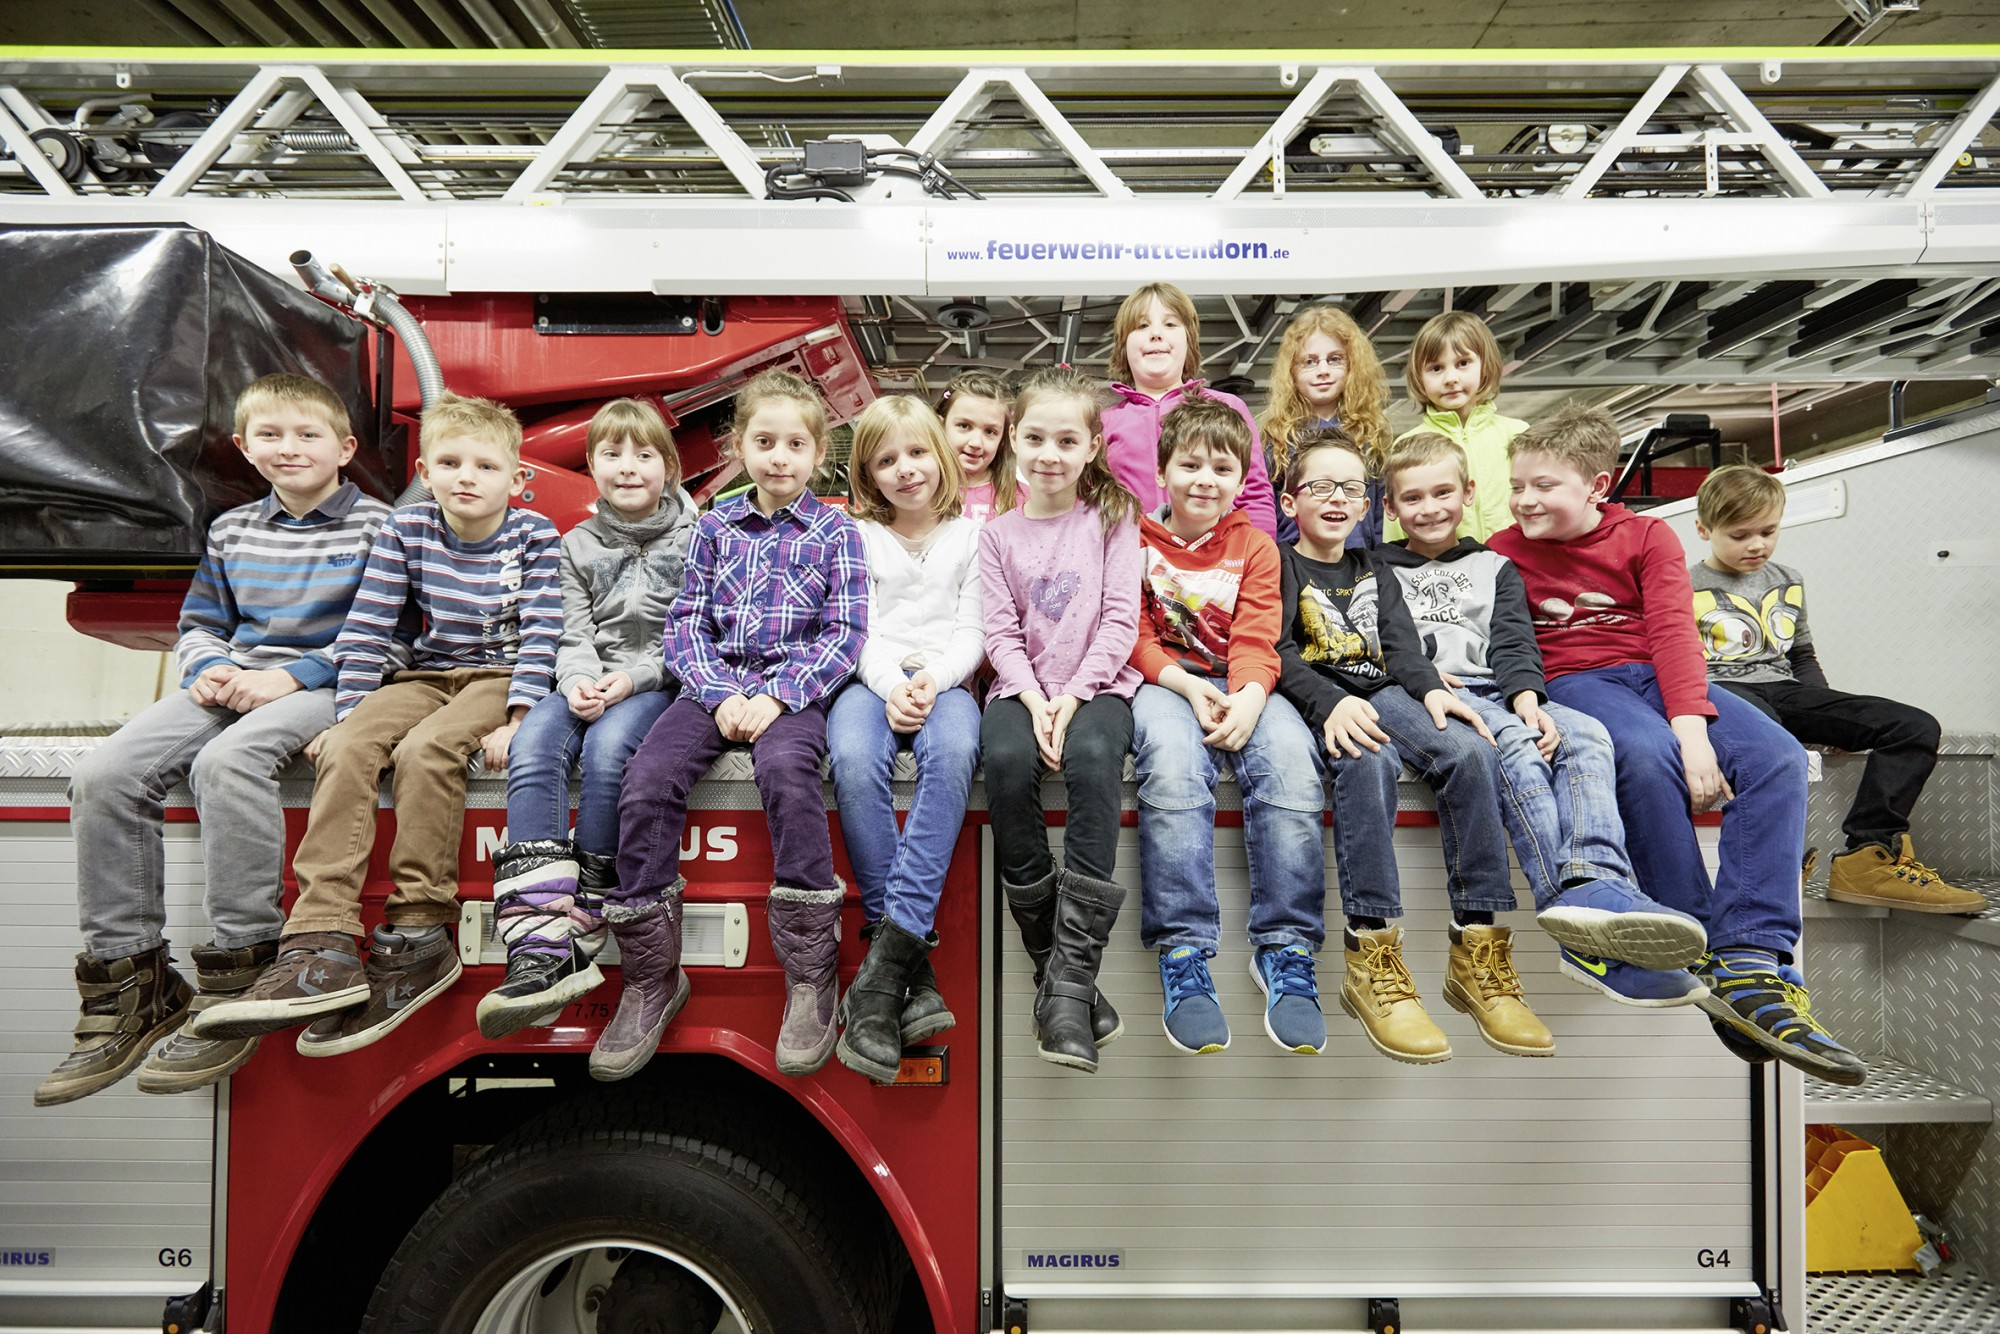 WOLL Sauerland Feuerwehr